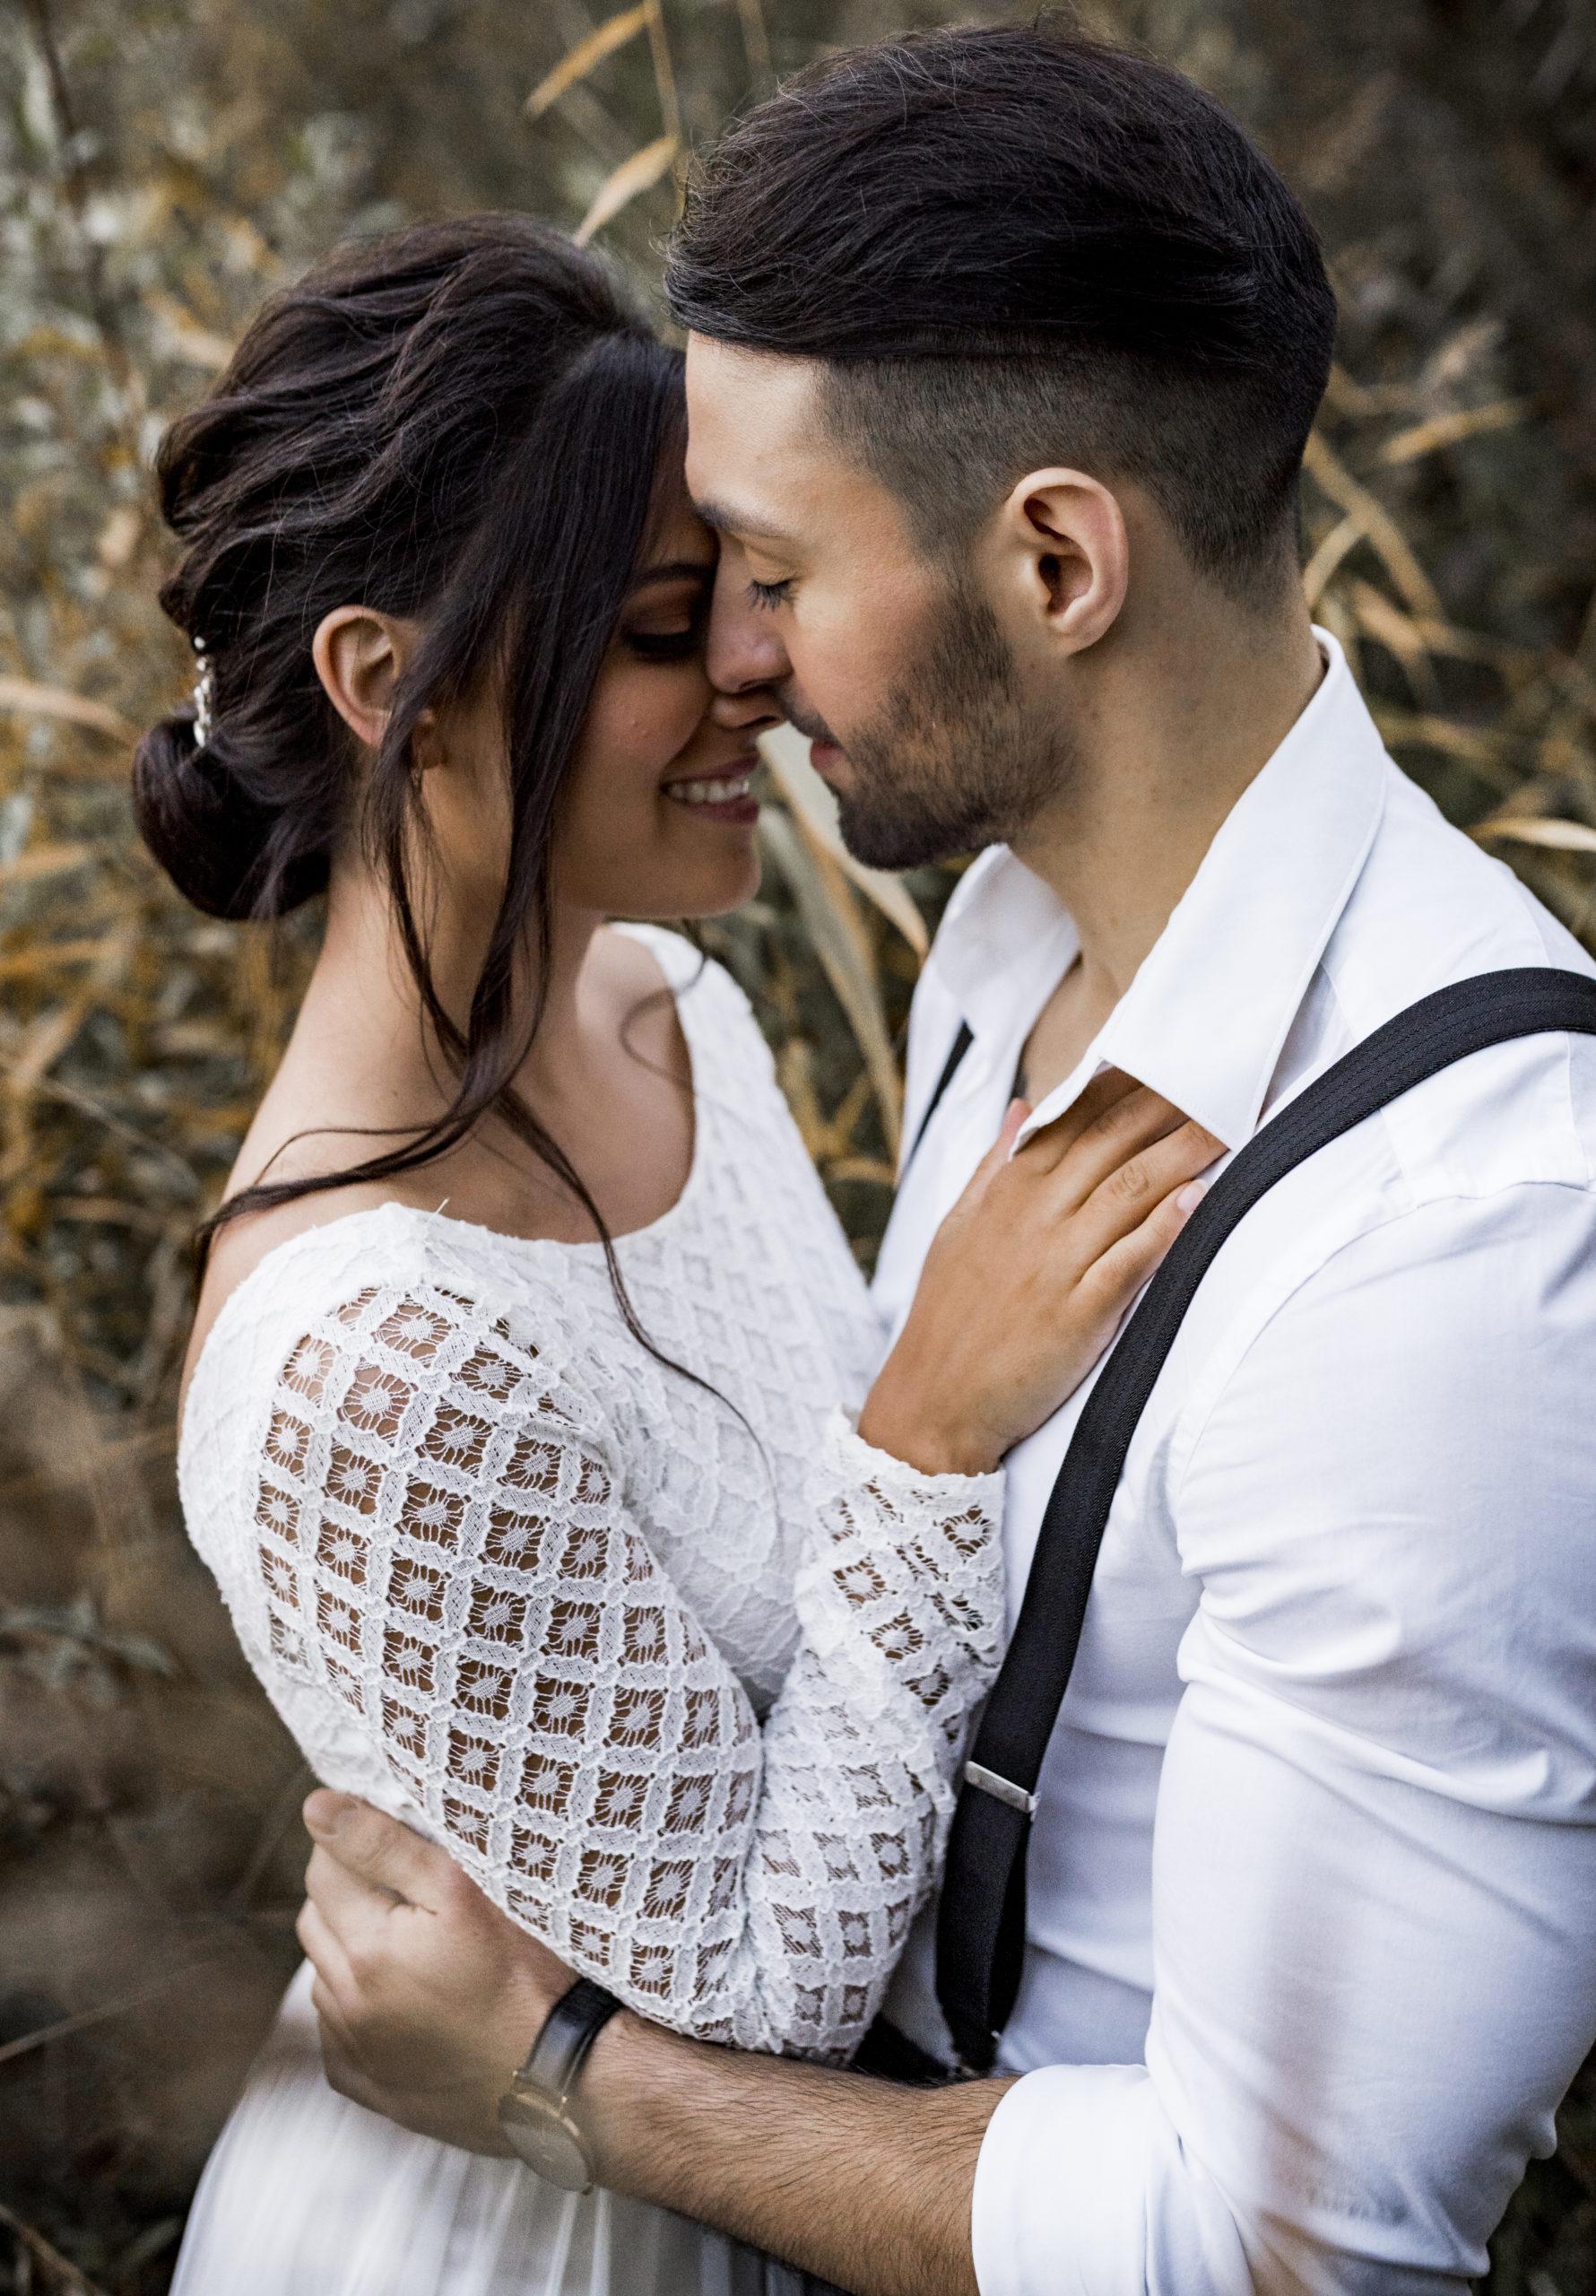 noni Styled Shoot, Model-Paar in Umarmung und lächelnd, Braut mit Oberteil aus weißer, geometrischer Spitze, Bräutigam mit weißem Hemd und Hosenträgern